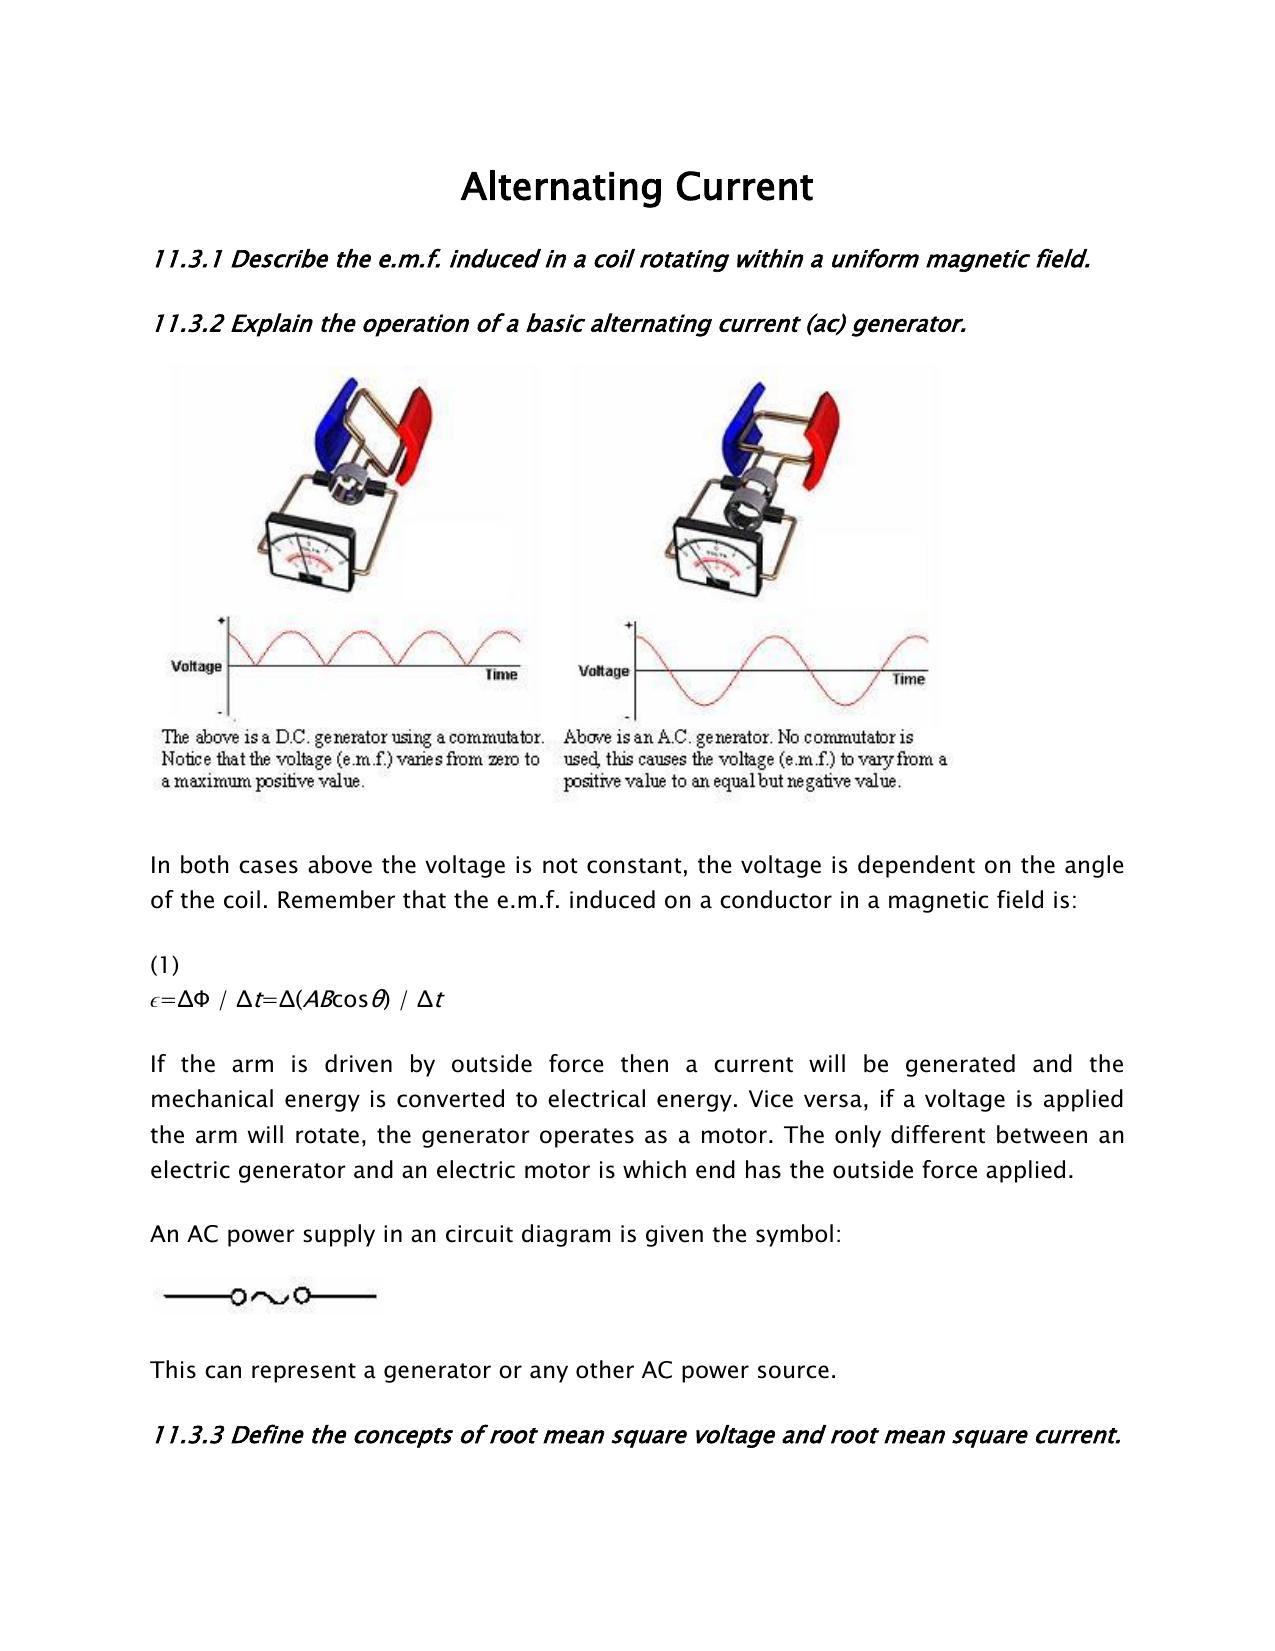 Alternating Current Diagram 018805927 1 1e8ad57f00aad525400f175704e213ea